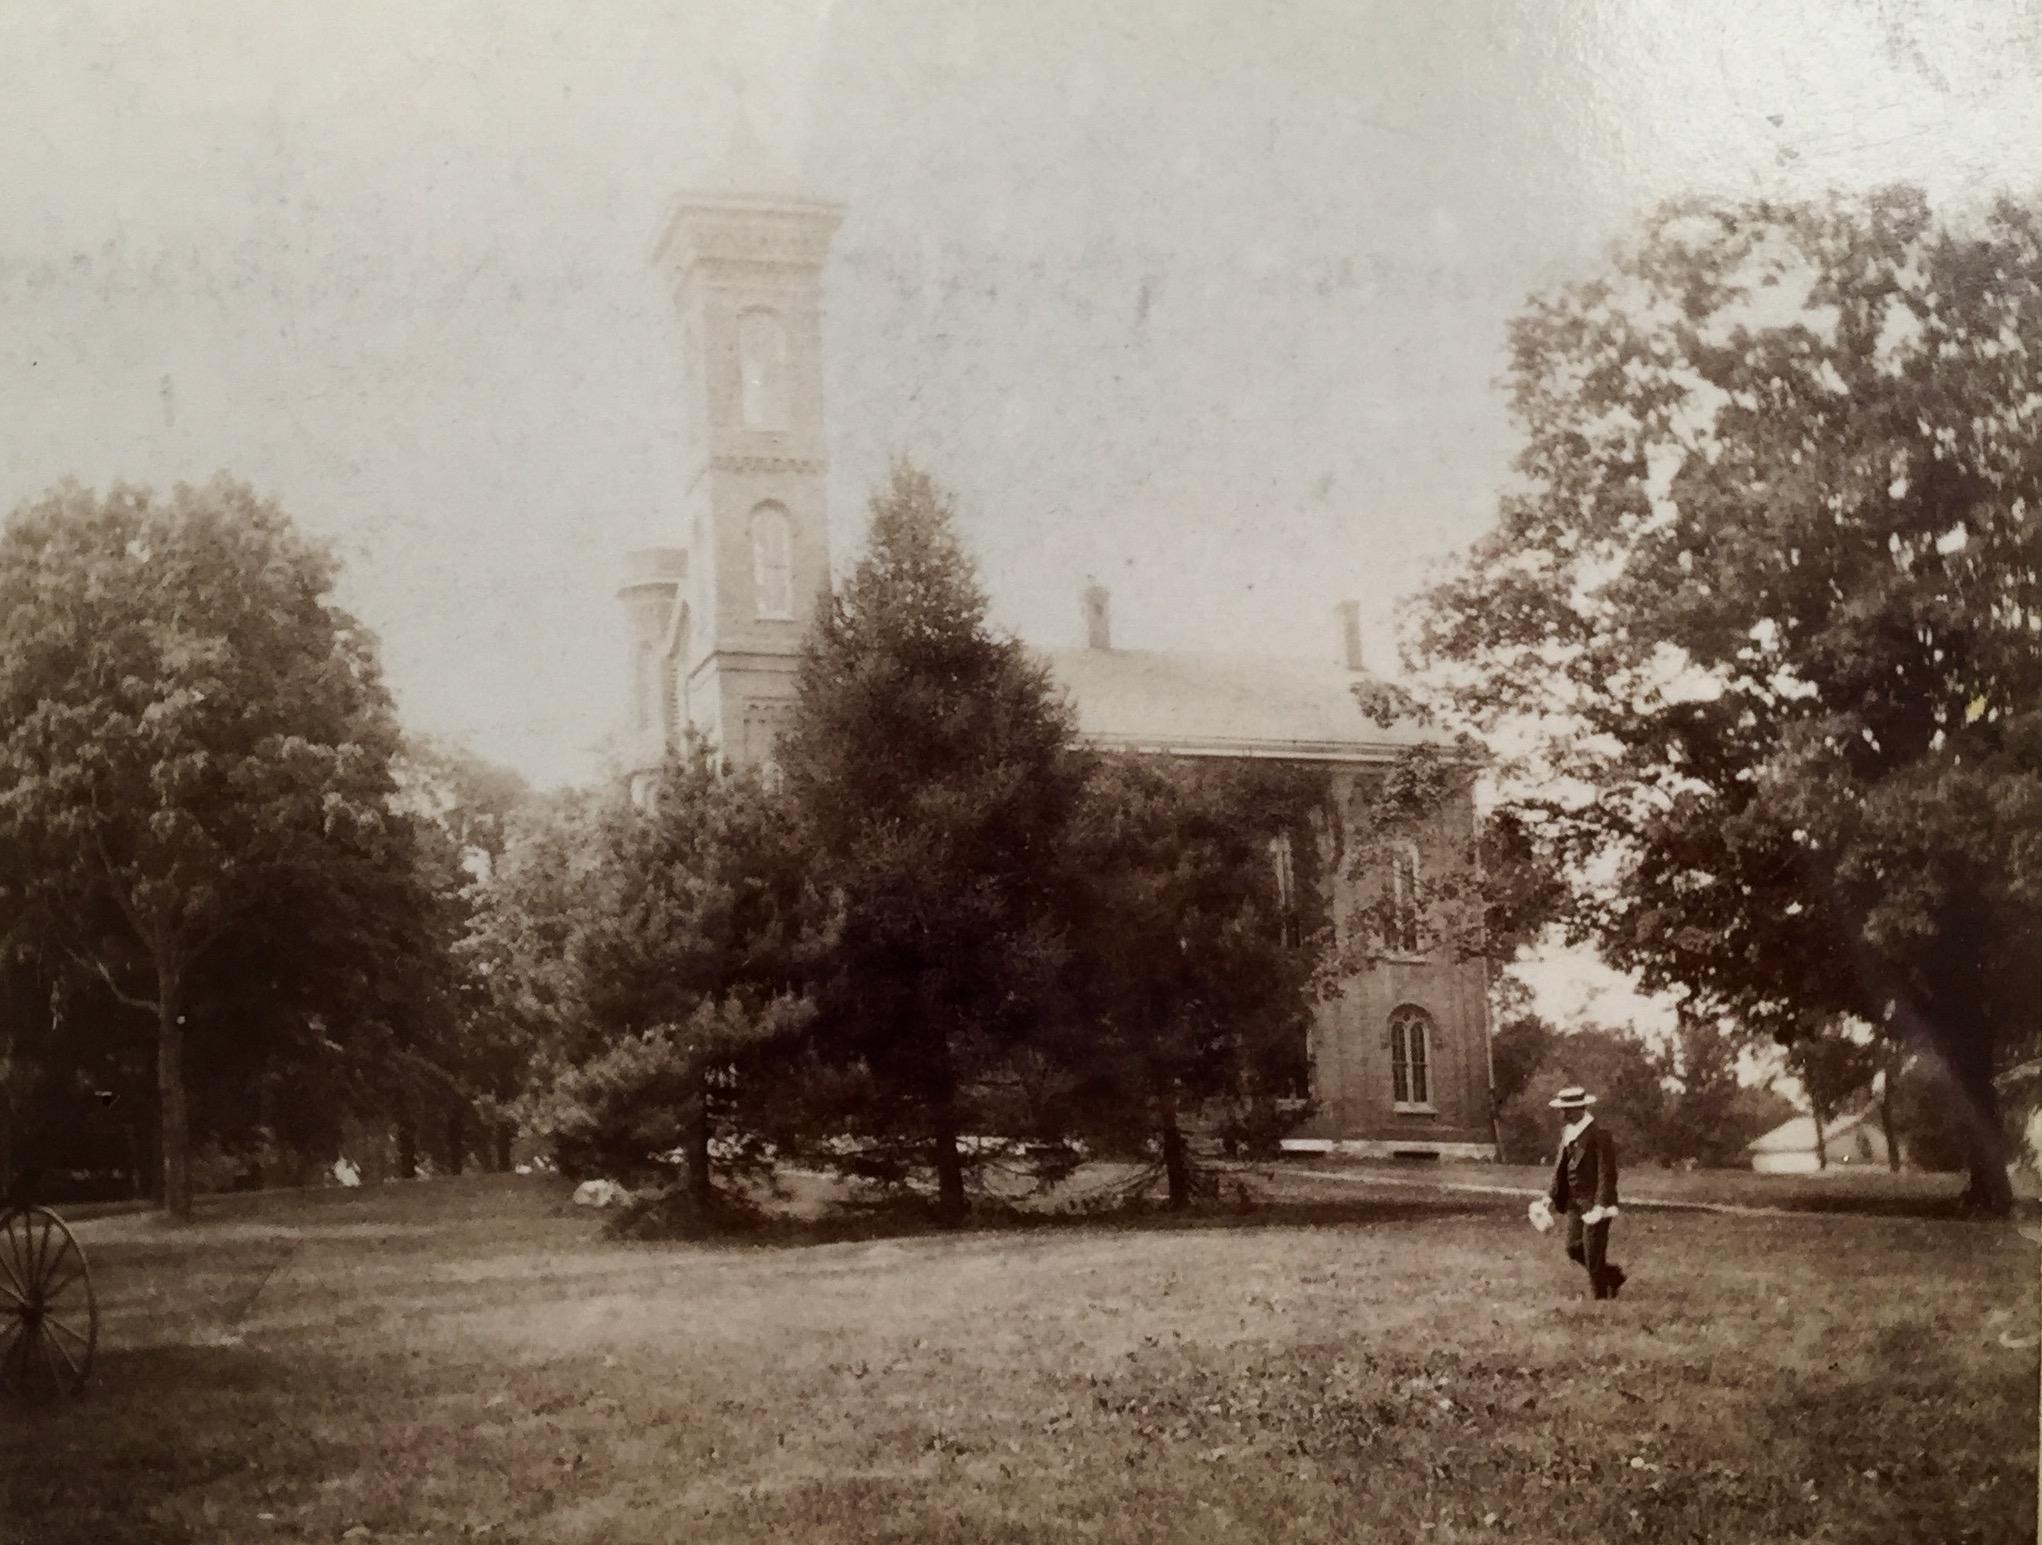 Sturtevant Hall in 1880